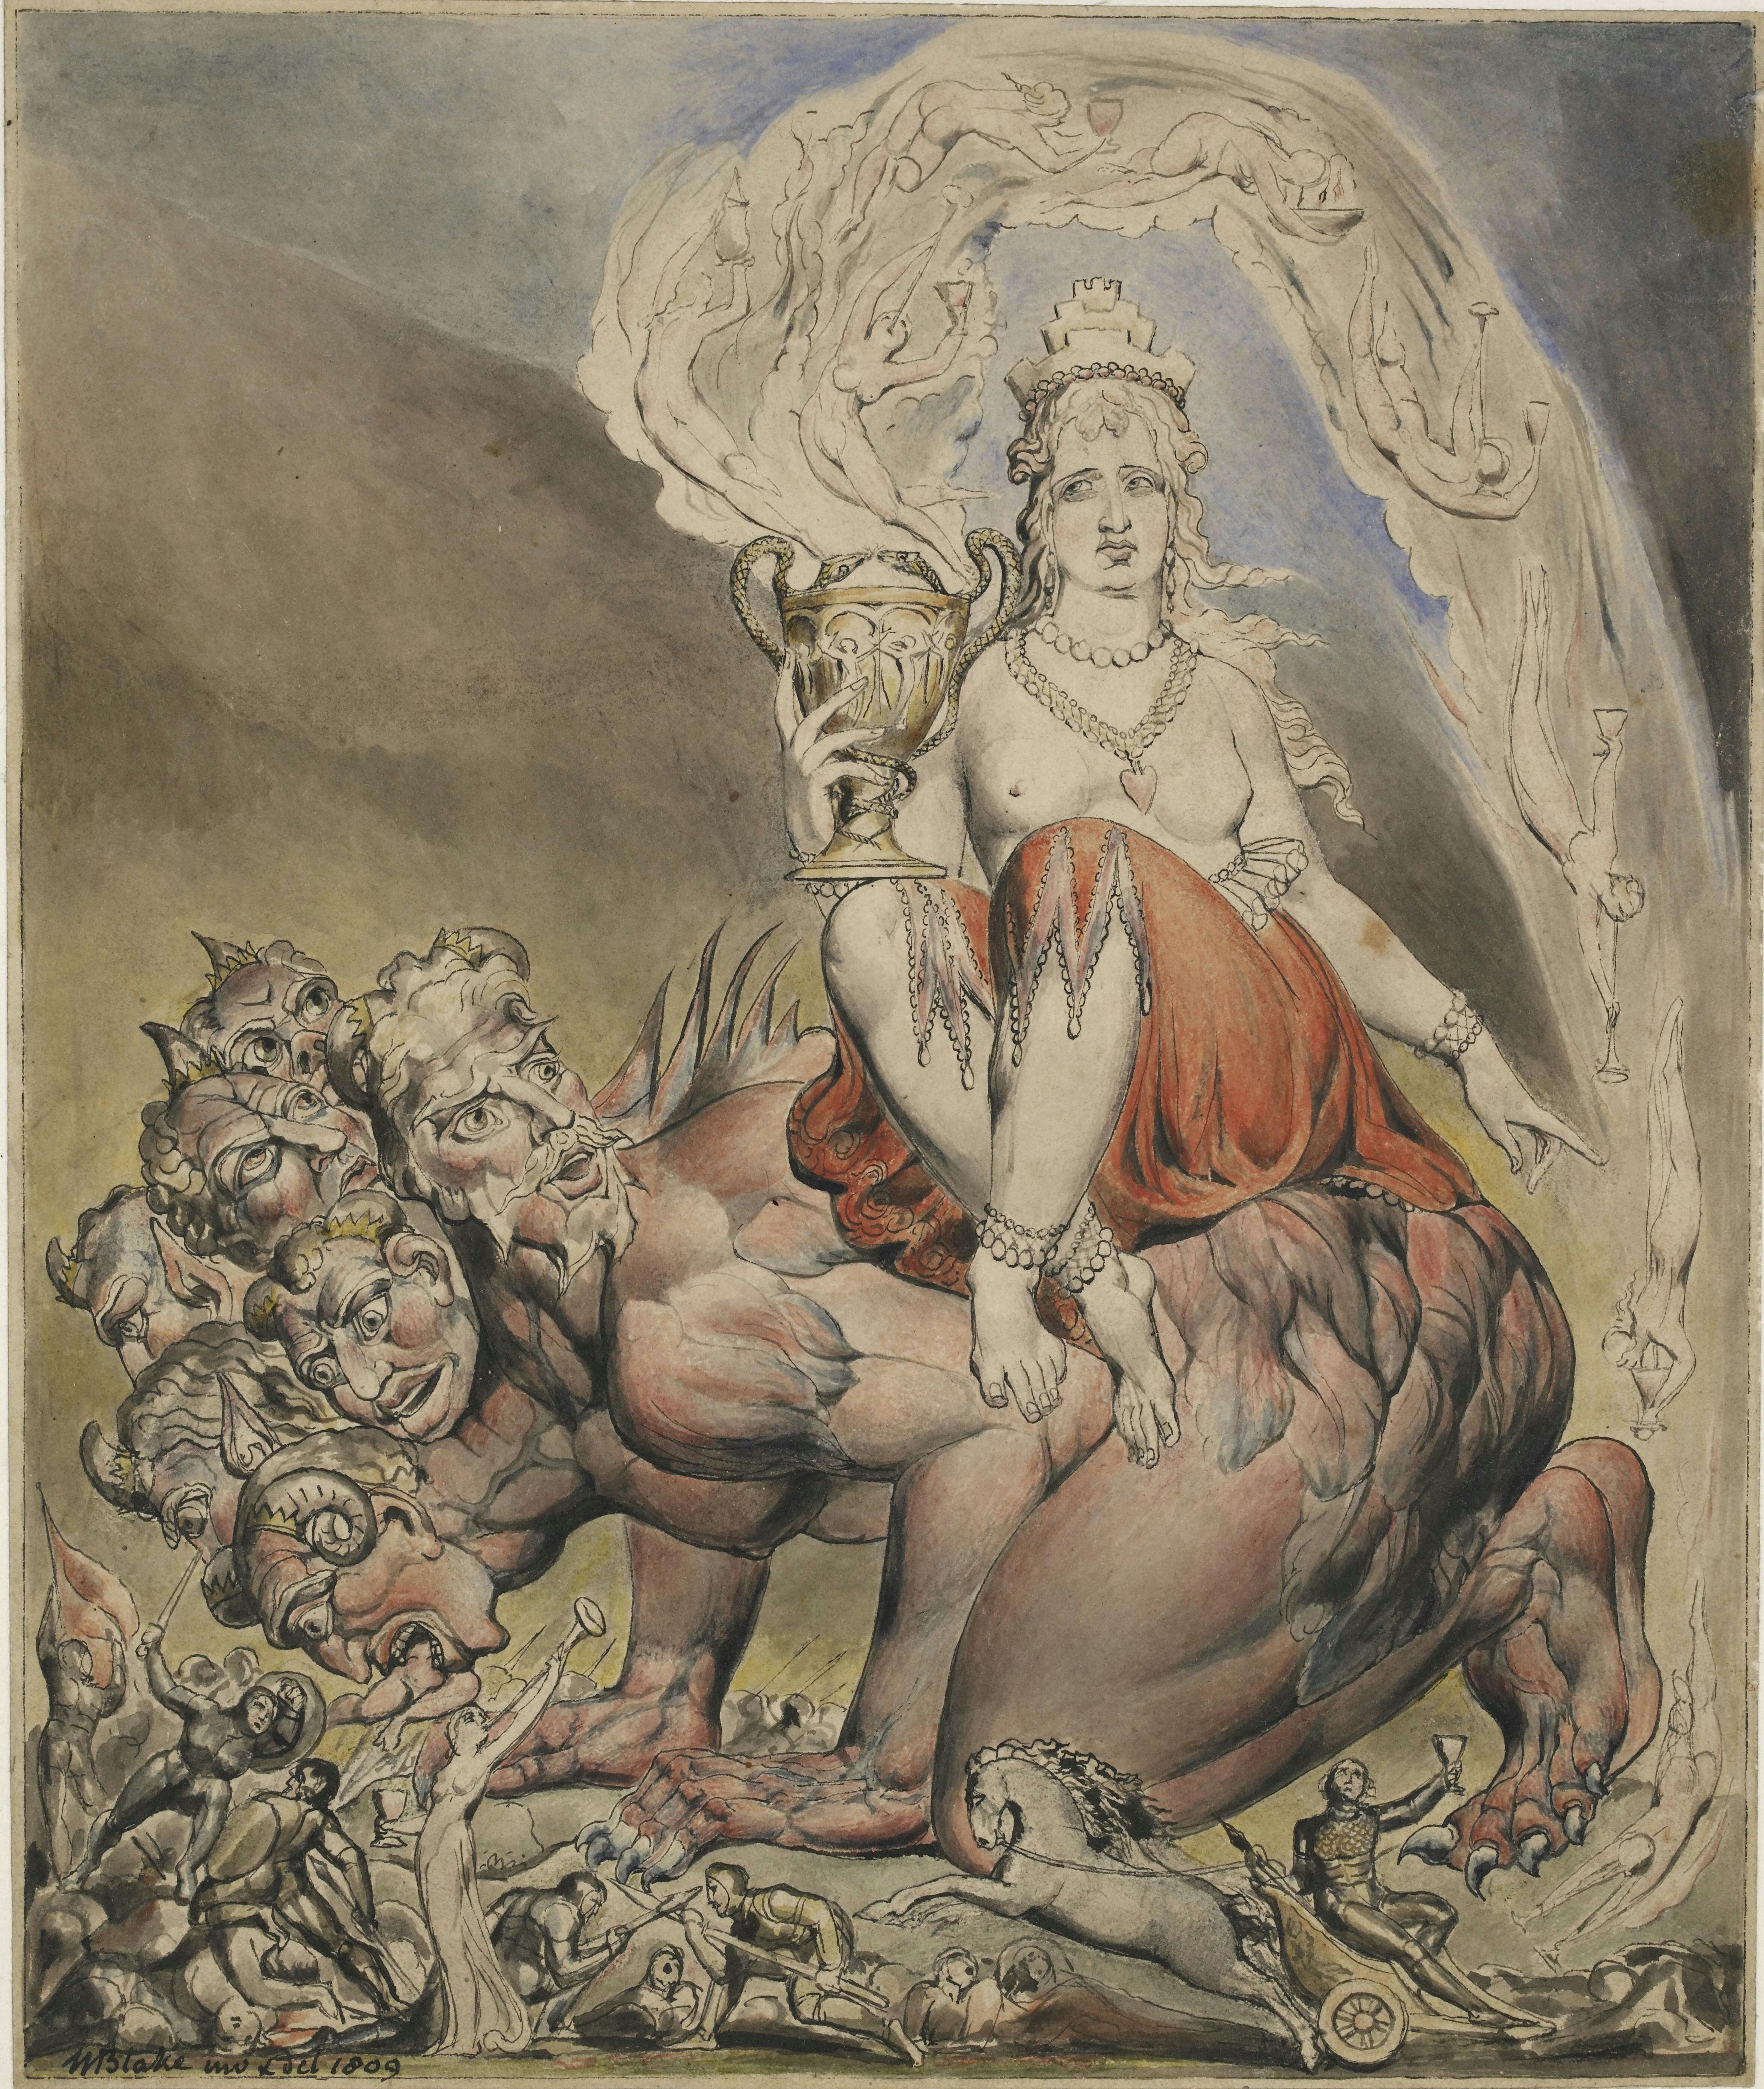 https://upload.wikimedia.org/wikipedia/commons/d/de/Whore-of-babylon-blake-1809.jpg